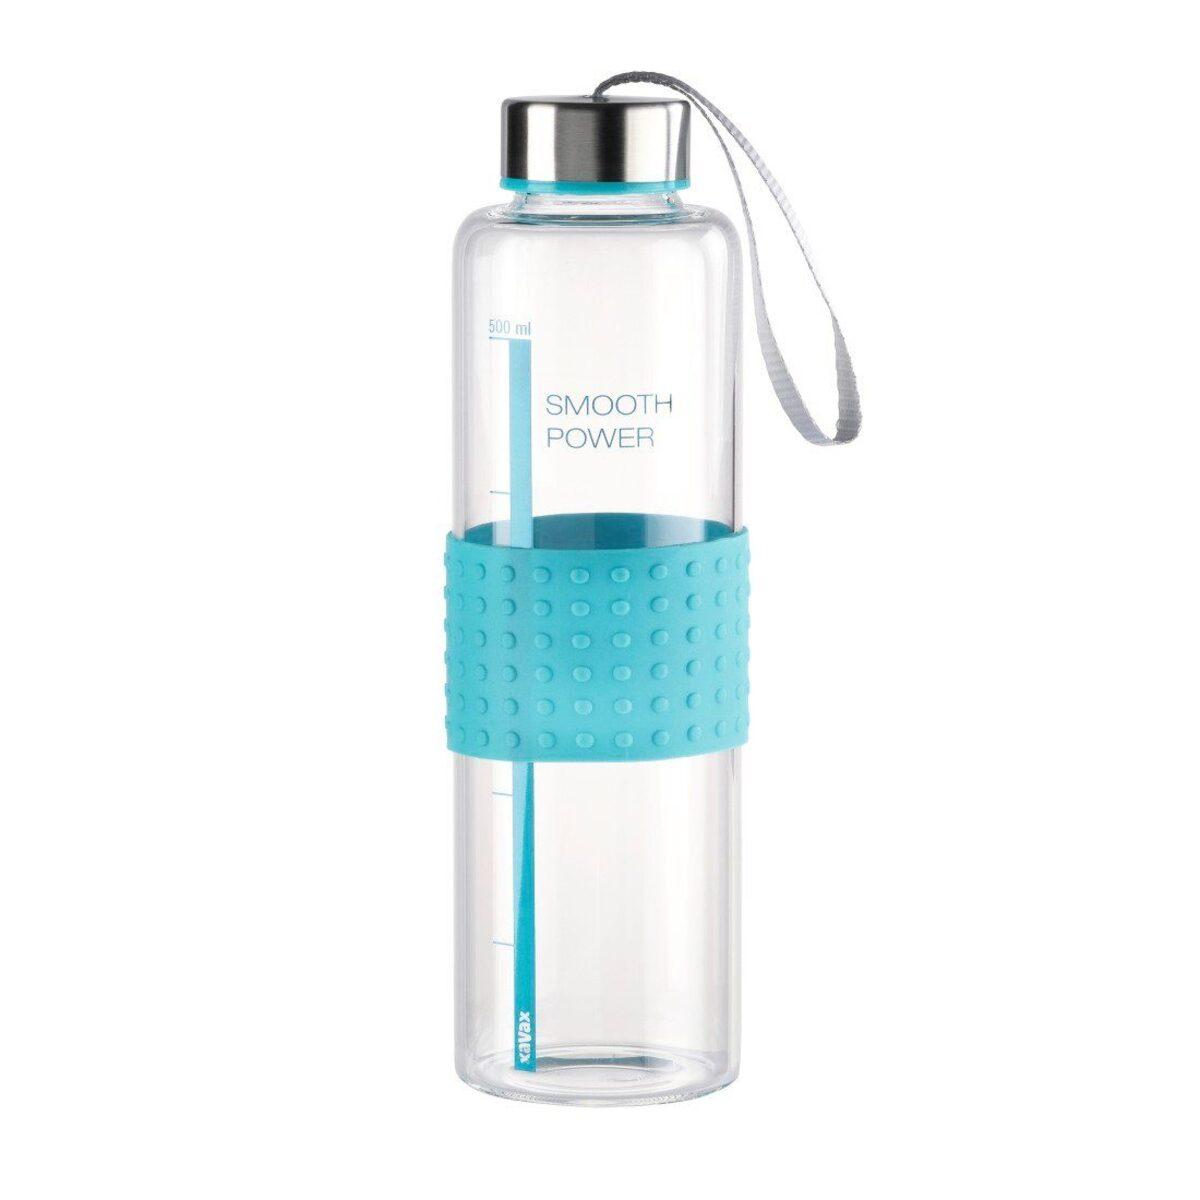 Bild 1 von Xavax Xavax Trinkflasche aus Glas, Smooth Power, 0,5 Liter »Glasflasche mit Trageschlaufe«